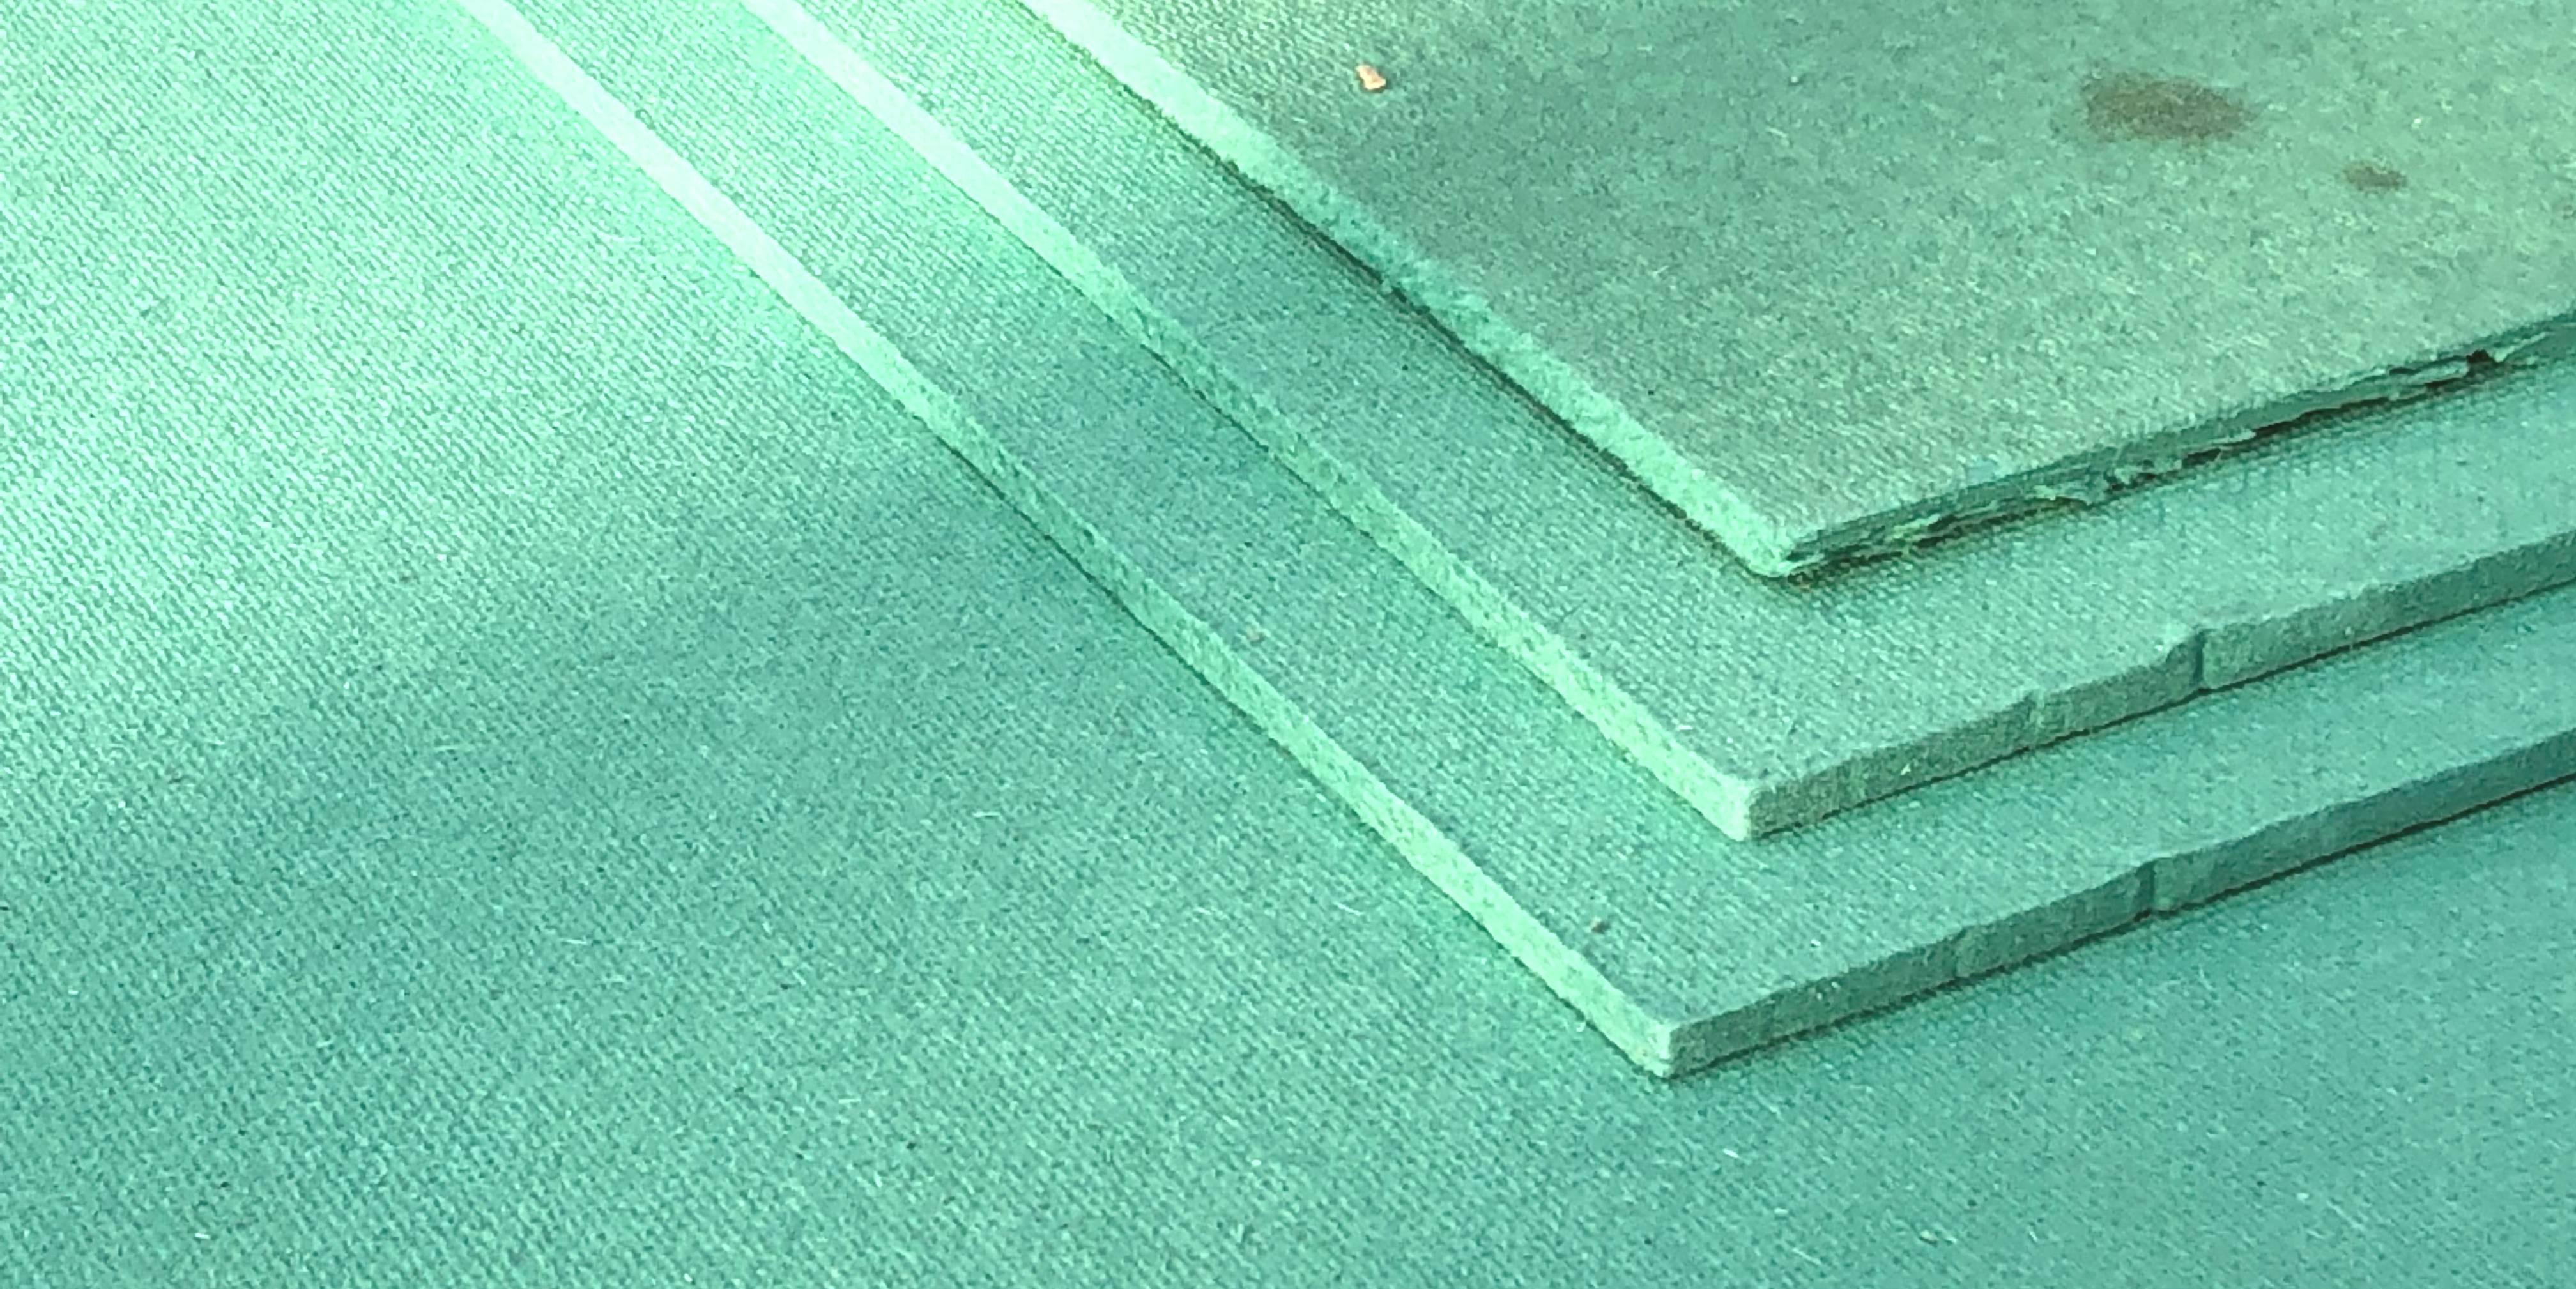 ondervloer parketvloer